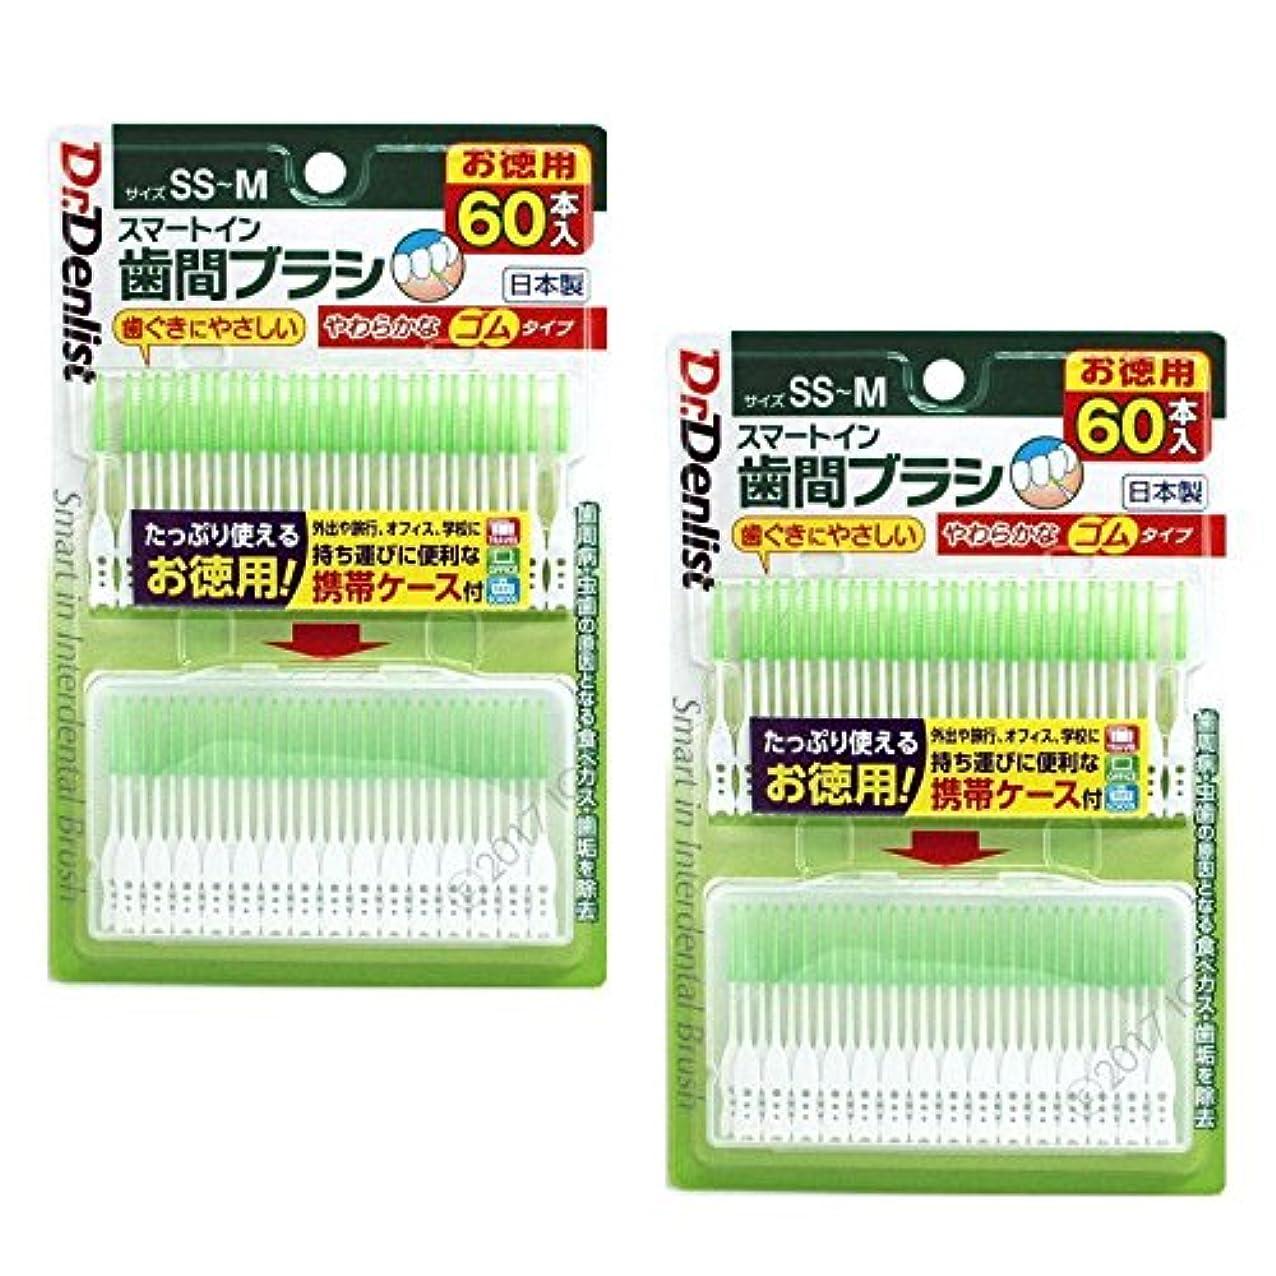 サスペンド公平なシャープ歯間ブラシ スマートイン 60本×2個(計120本) お徳用 やわらかなゴムタイプ